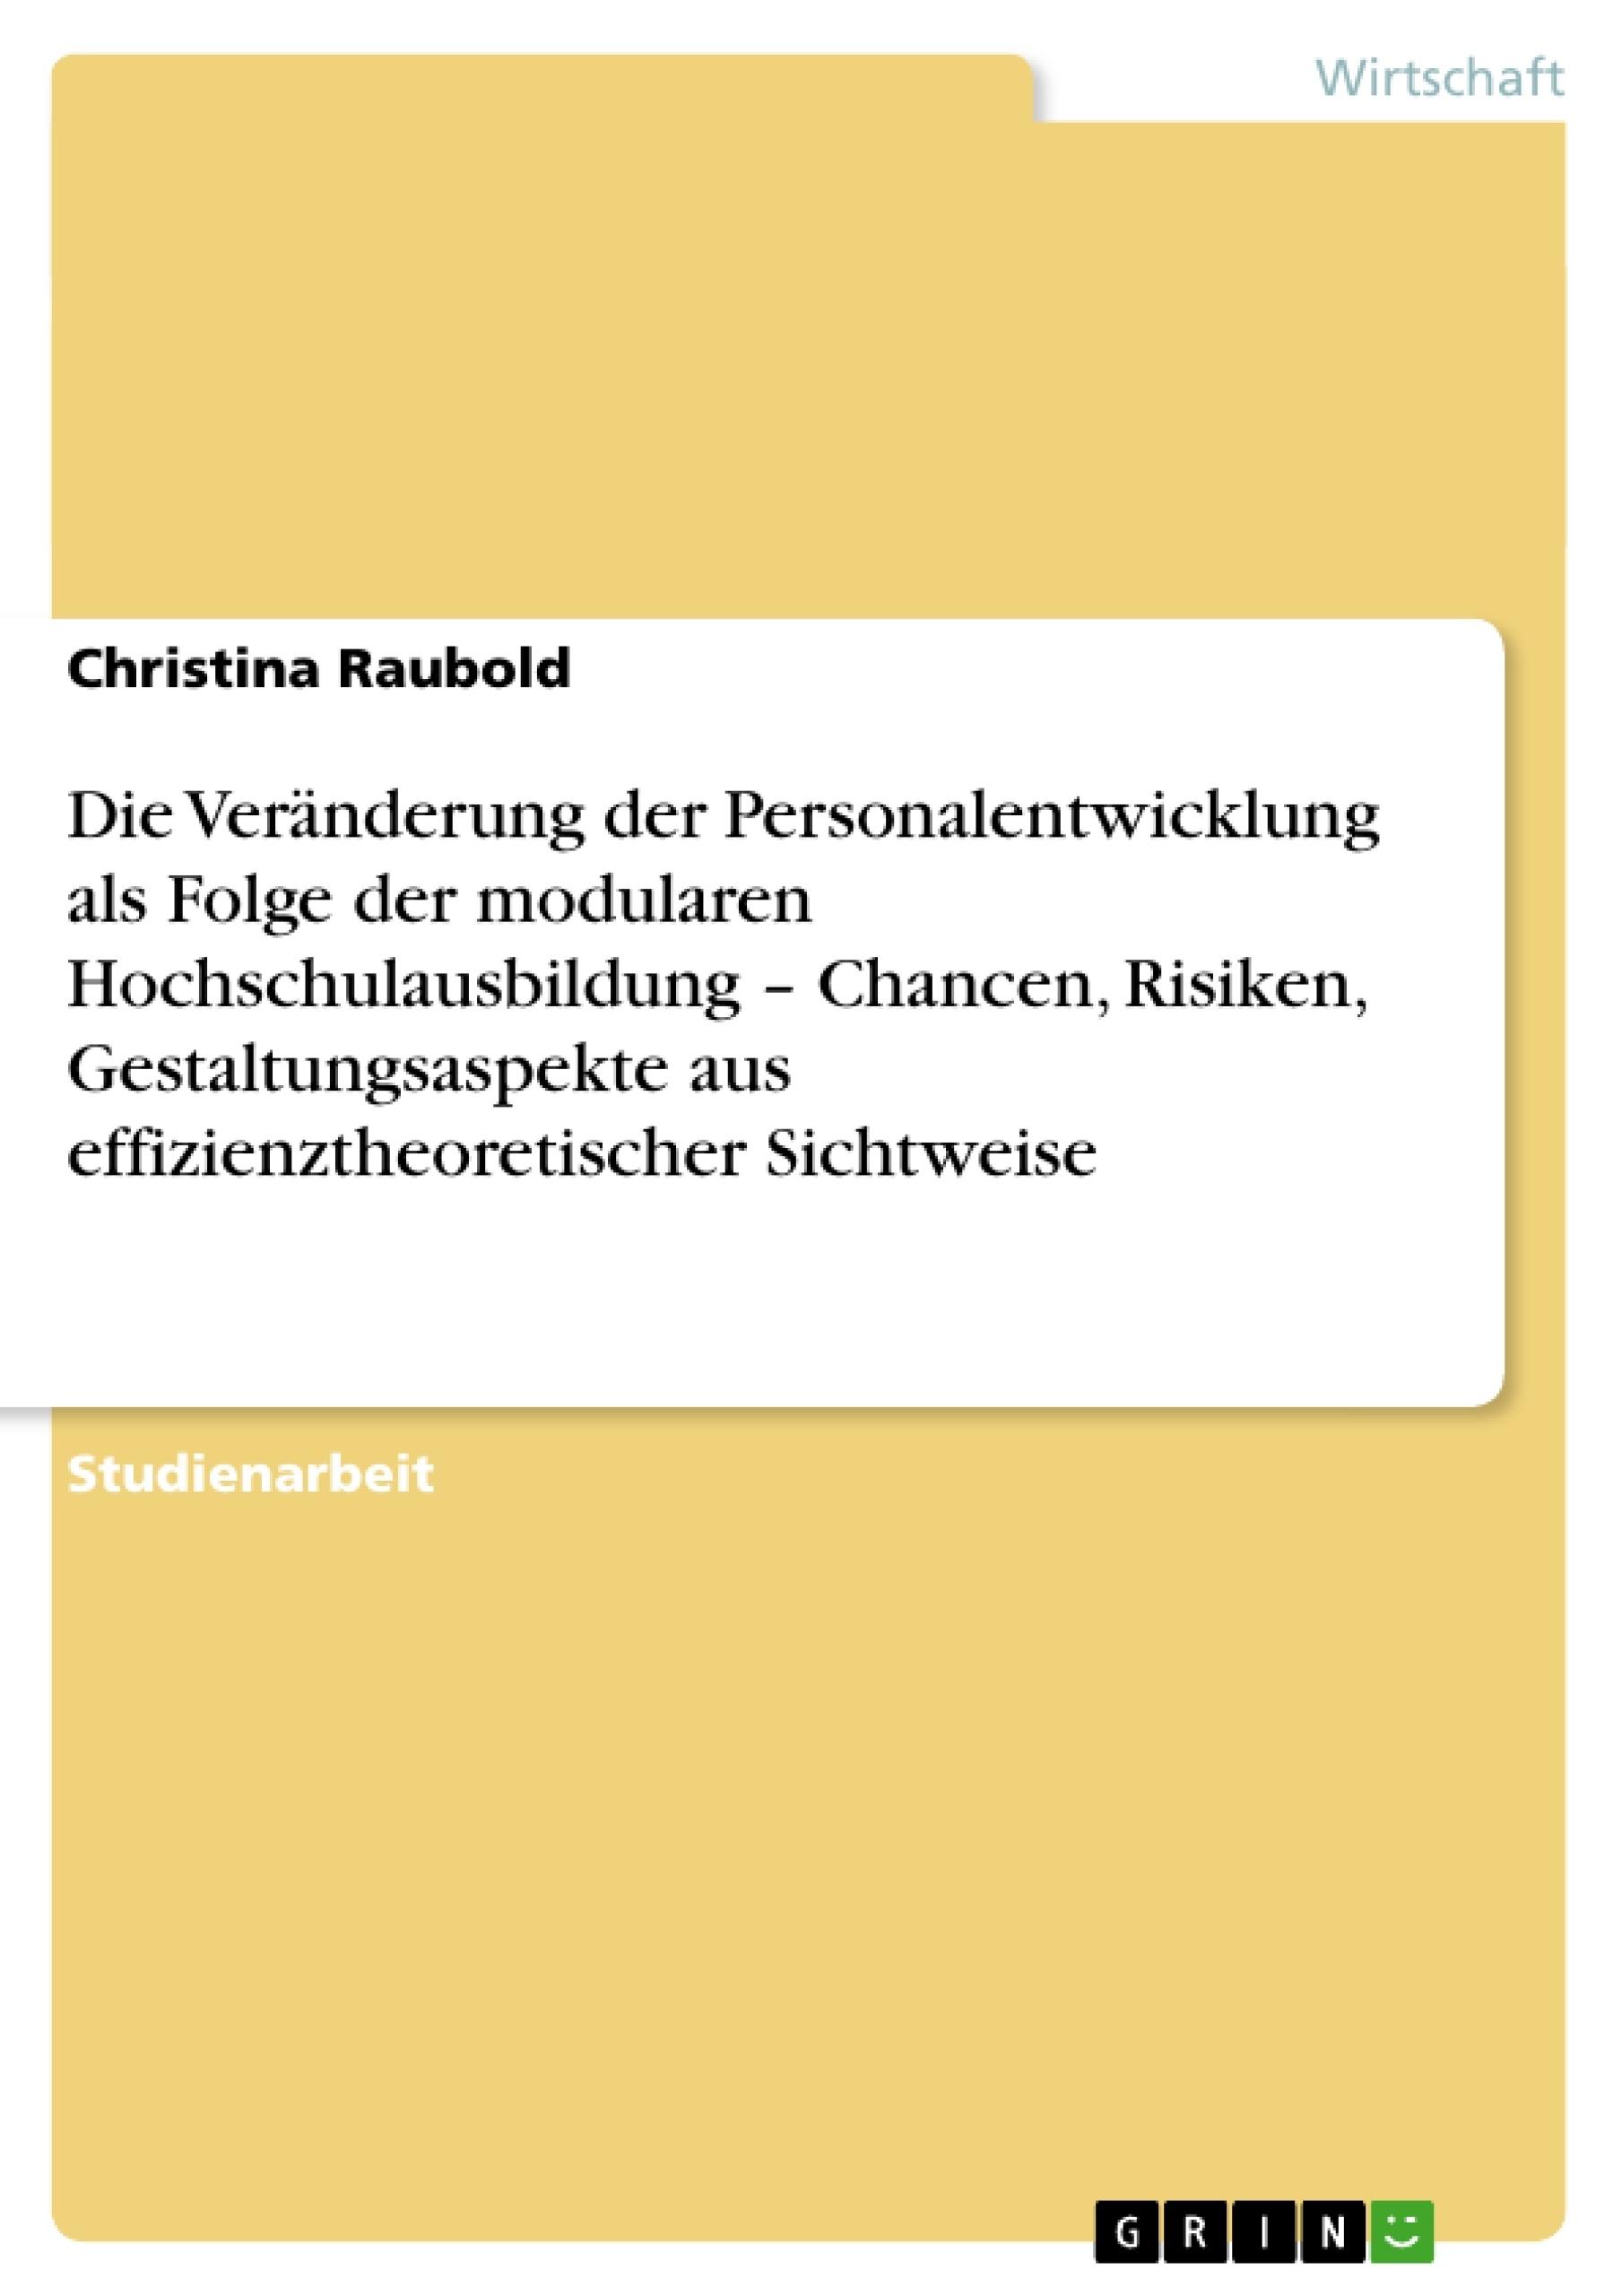 Titel: Die Veränderung der Personalentwicklung als Folge der modularen Hochschulausbildung – Chancen, Risiken, Gestaltungsaspekte aus effizienztheoretischer Sichtweise